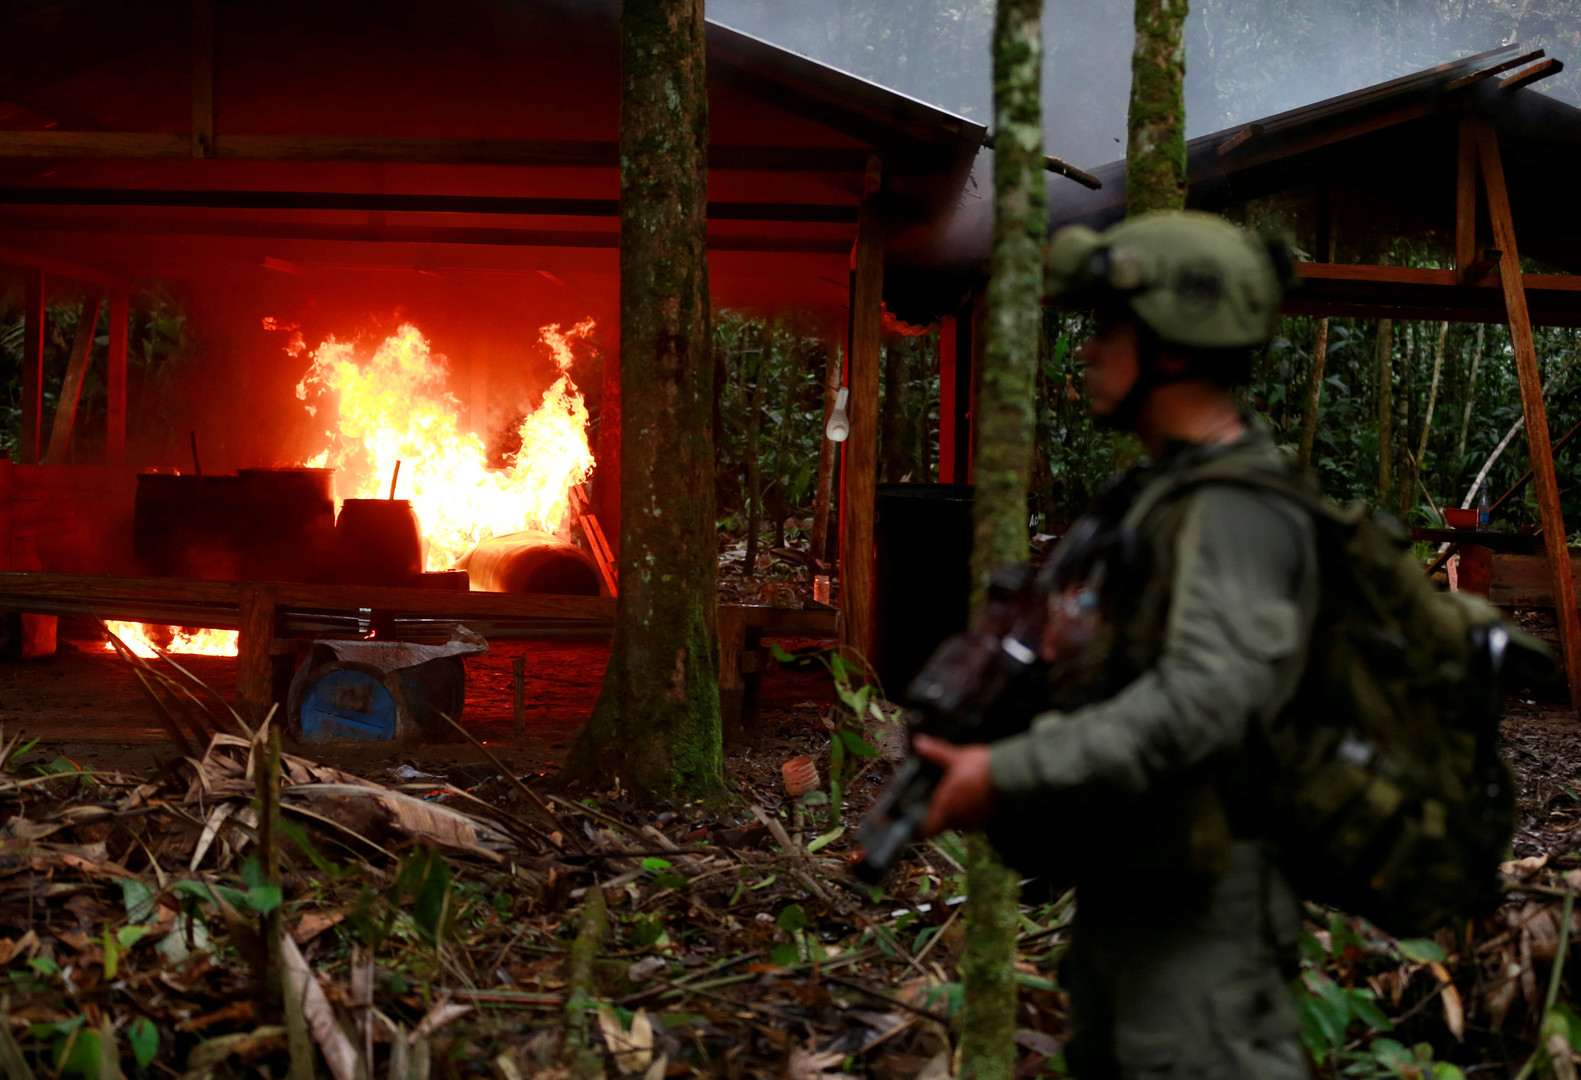 Сотрудник колумбийской полиции по борьбе с наркотиками охраняет территорию, пока его коллеги уничтожают лабораторию в деревне Каламар, где производился кокаин.